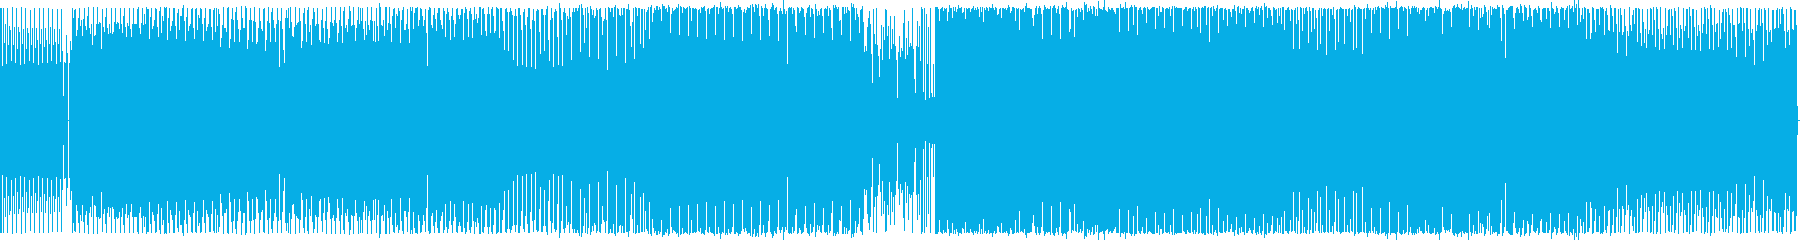 デチューンされたボーカル、リバーブ...の再生済みの波形